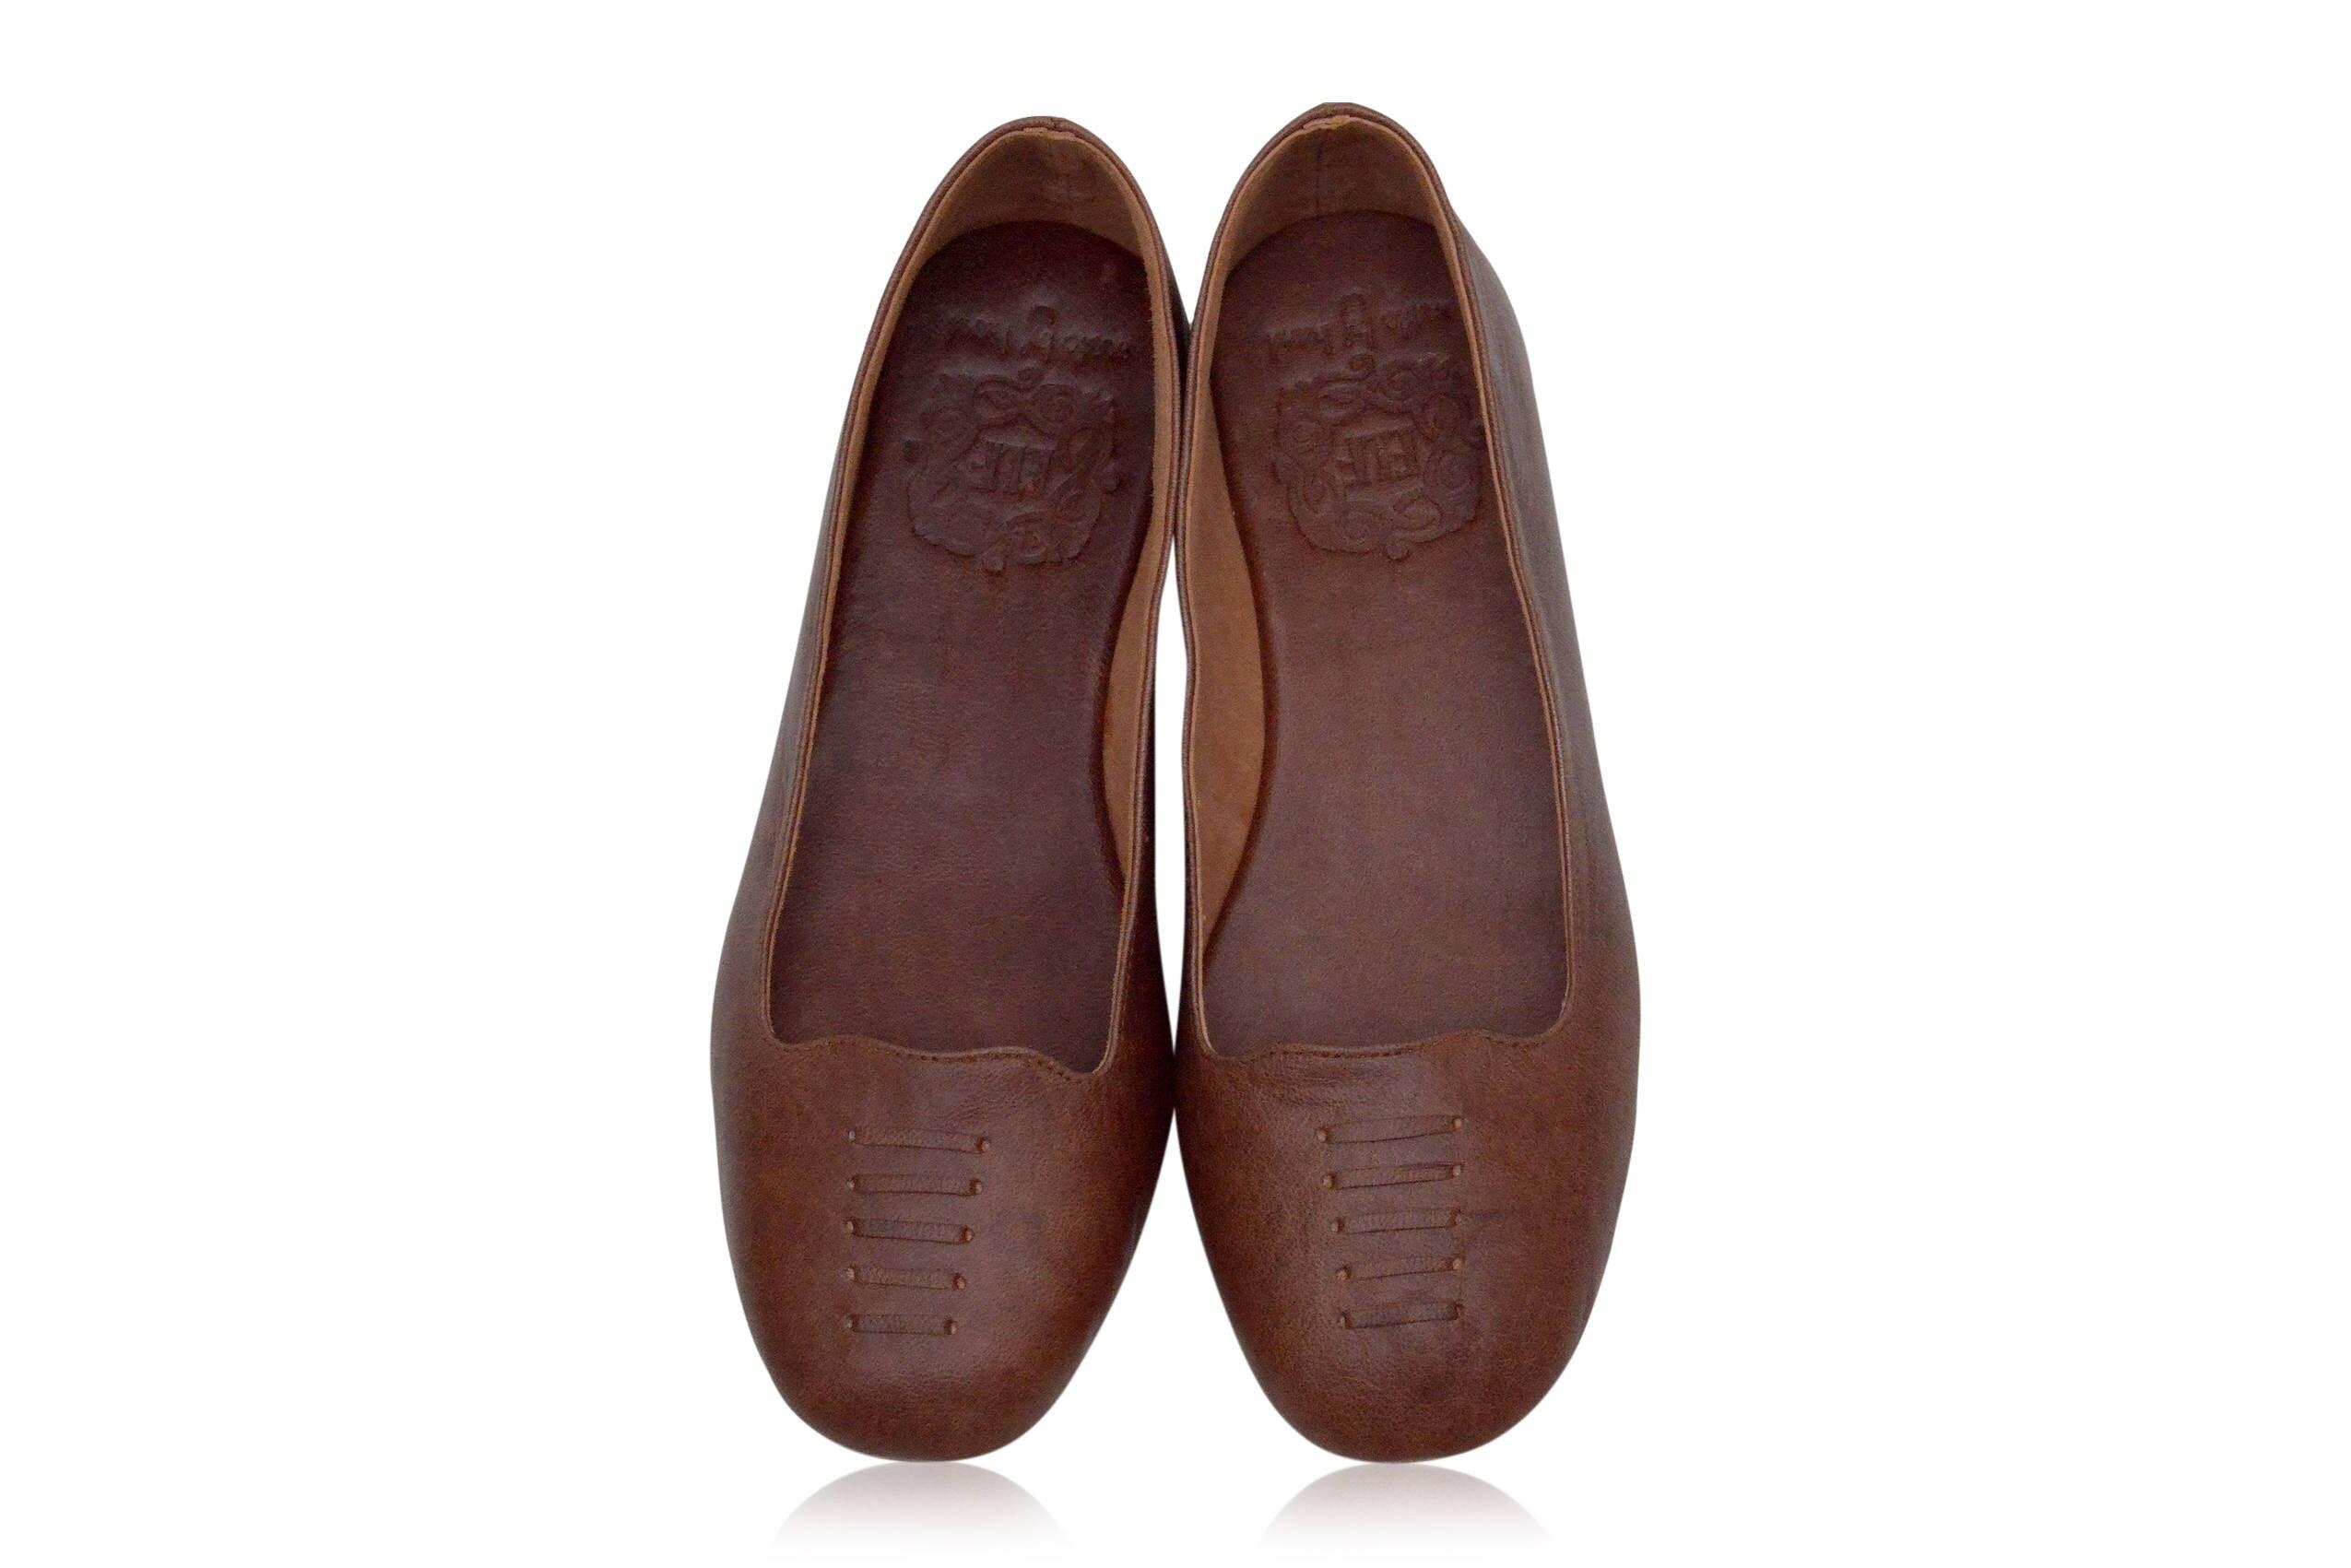 73c880d05 LUNA. Brown flats / women shoes / leather flat shoes / women | Etsy